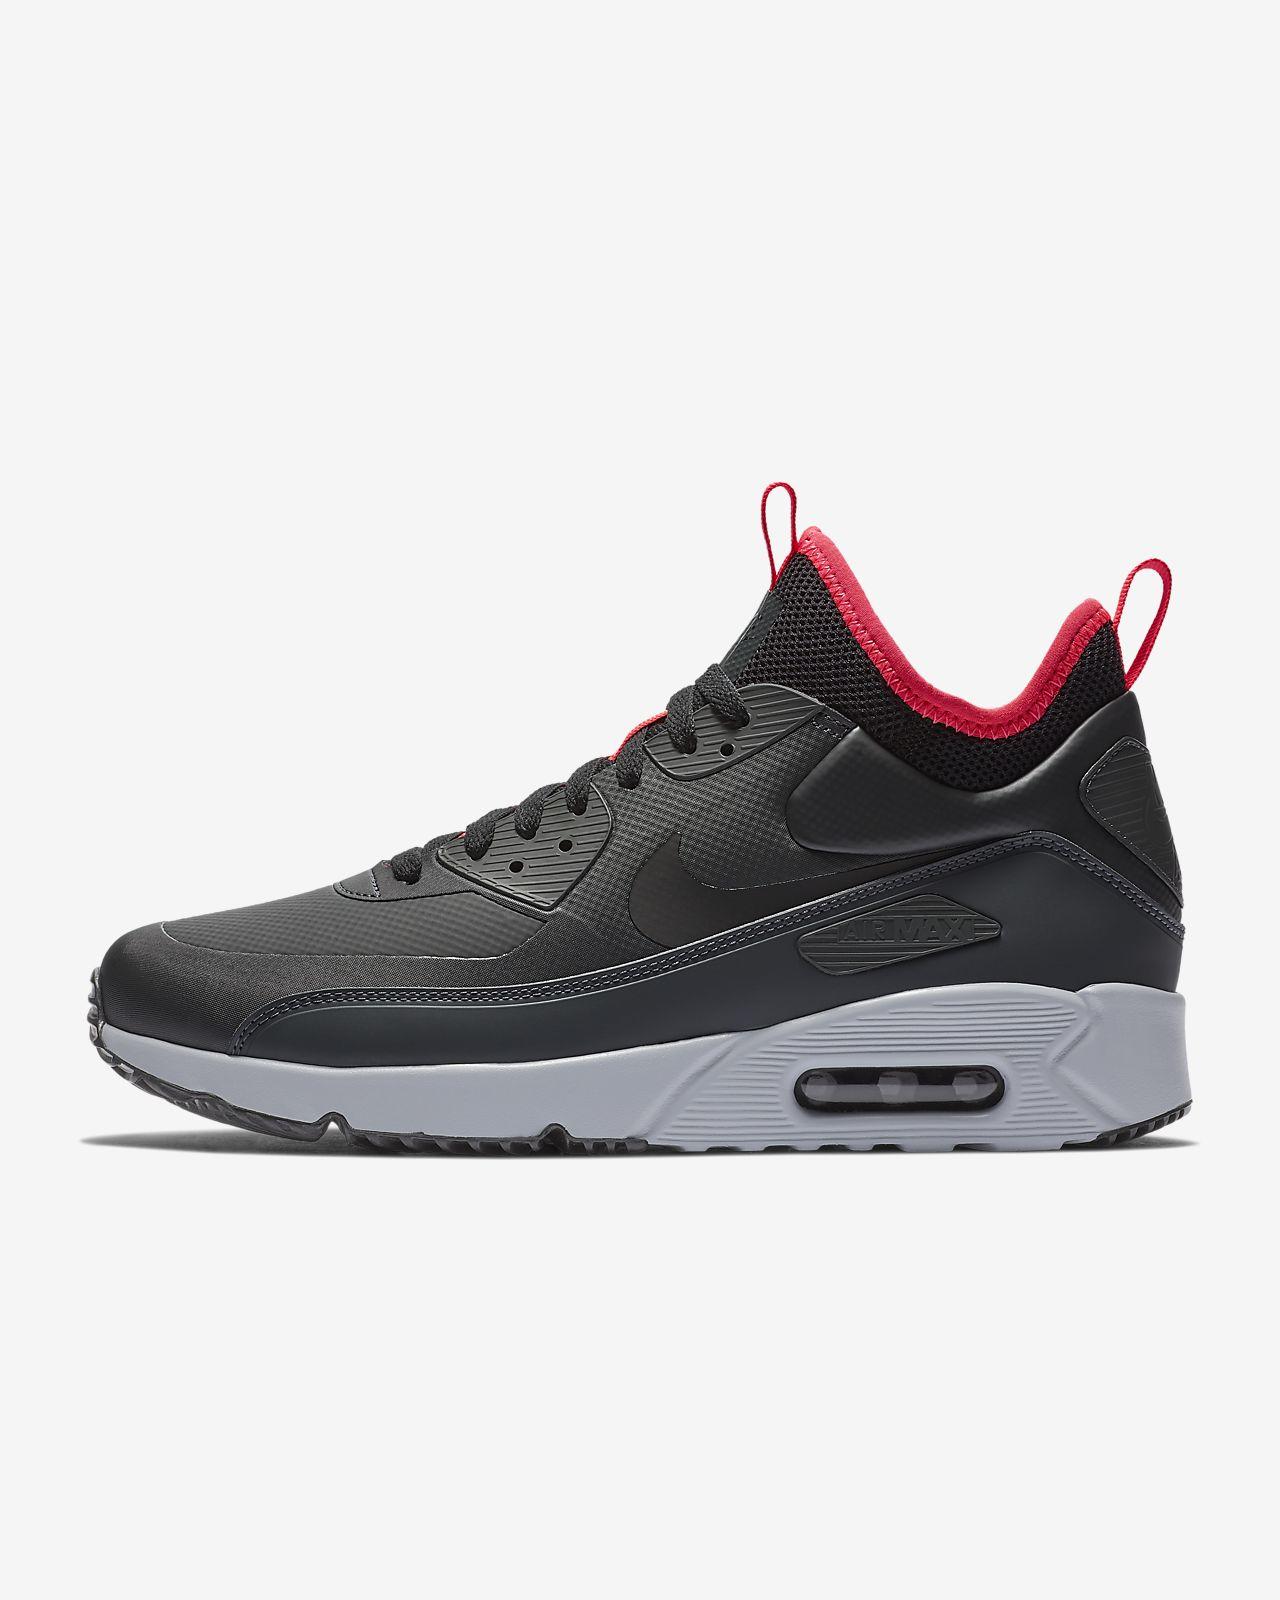 df31e63ca49 Pánská bota Nike Air Max 90 Ultra Mid Winter. Nike.com CZ